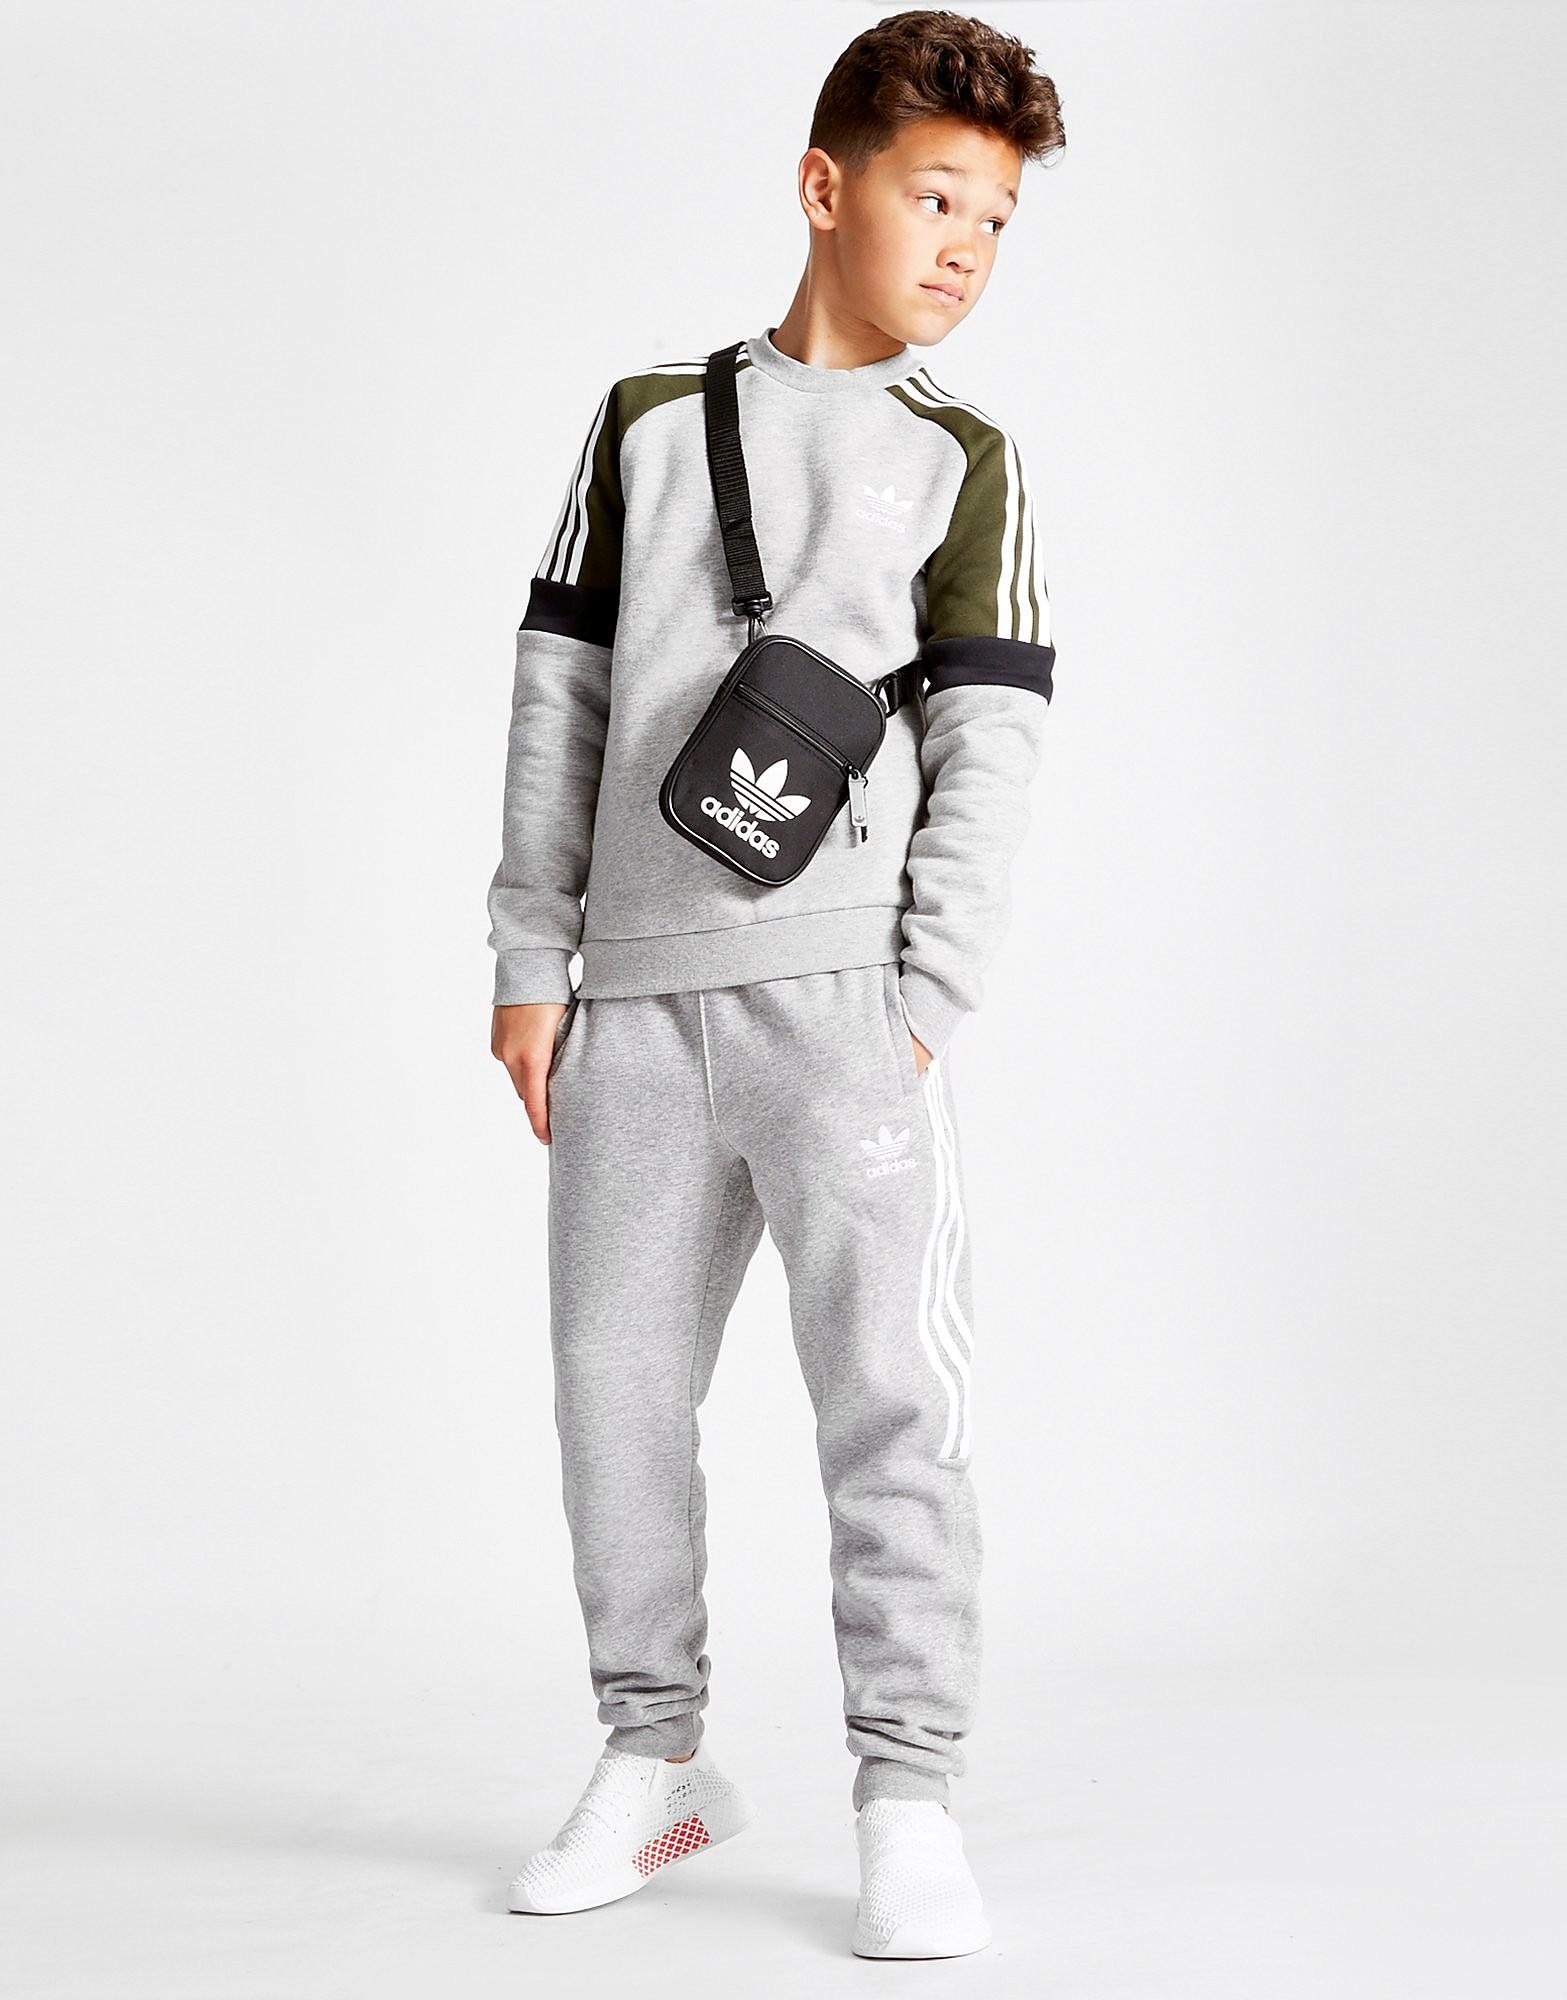 adidas Originals Europe Crew Sweatshirt Junior